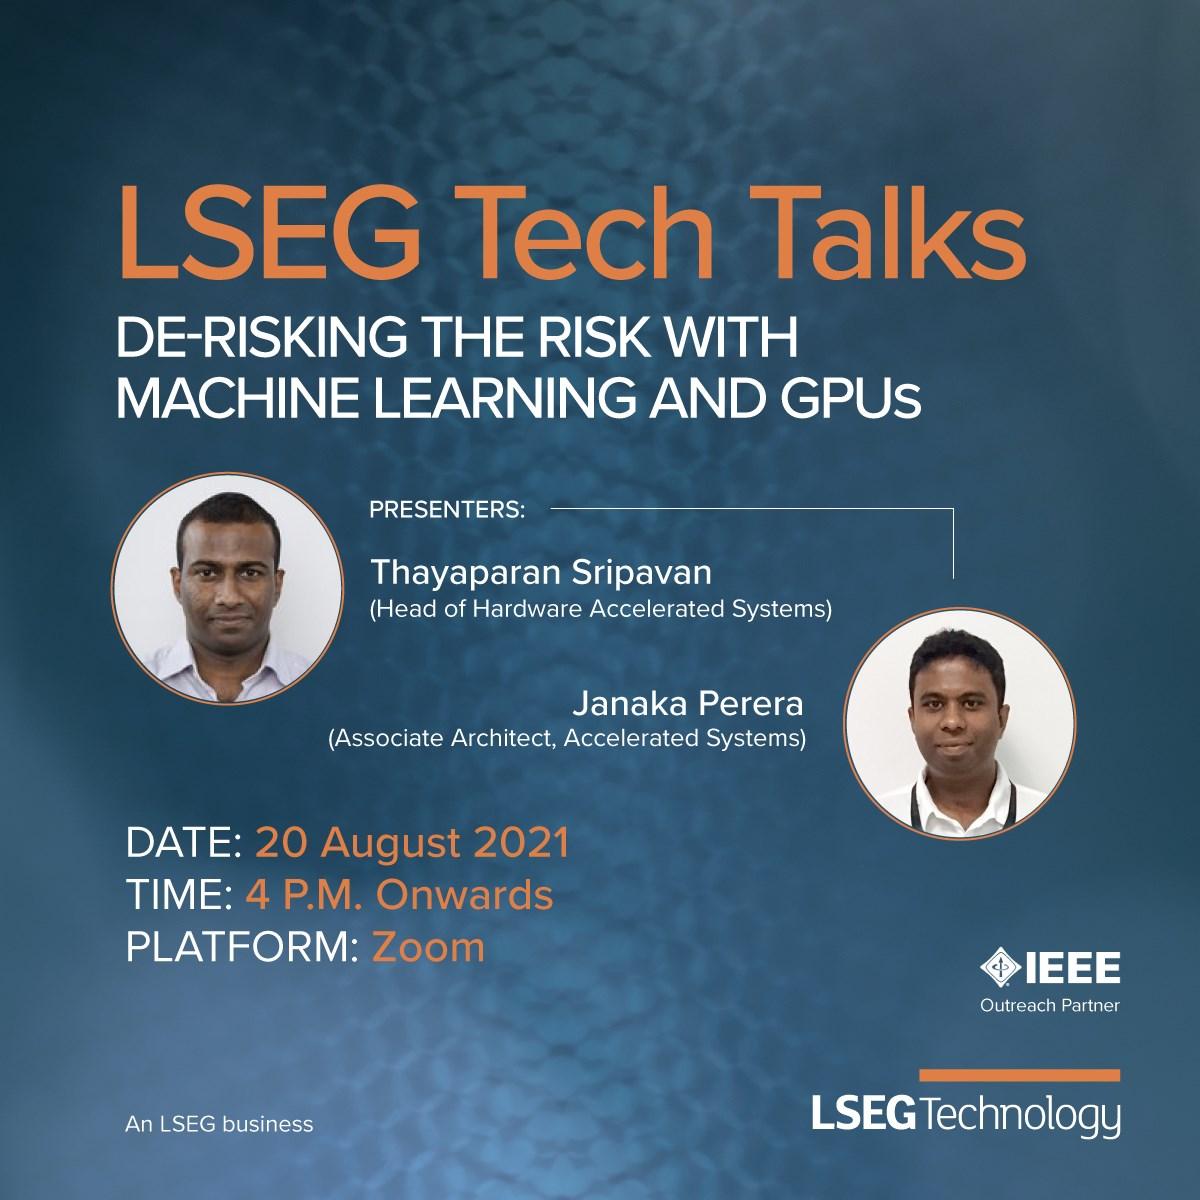 LSEG Tech Talks